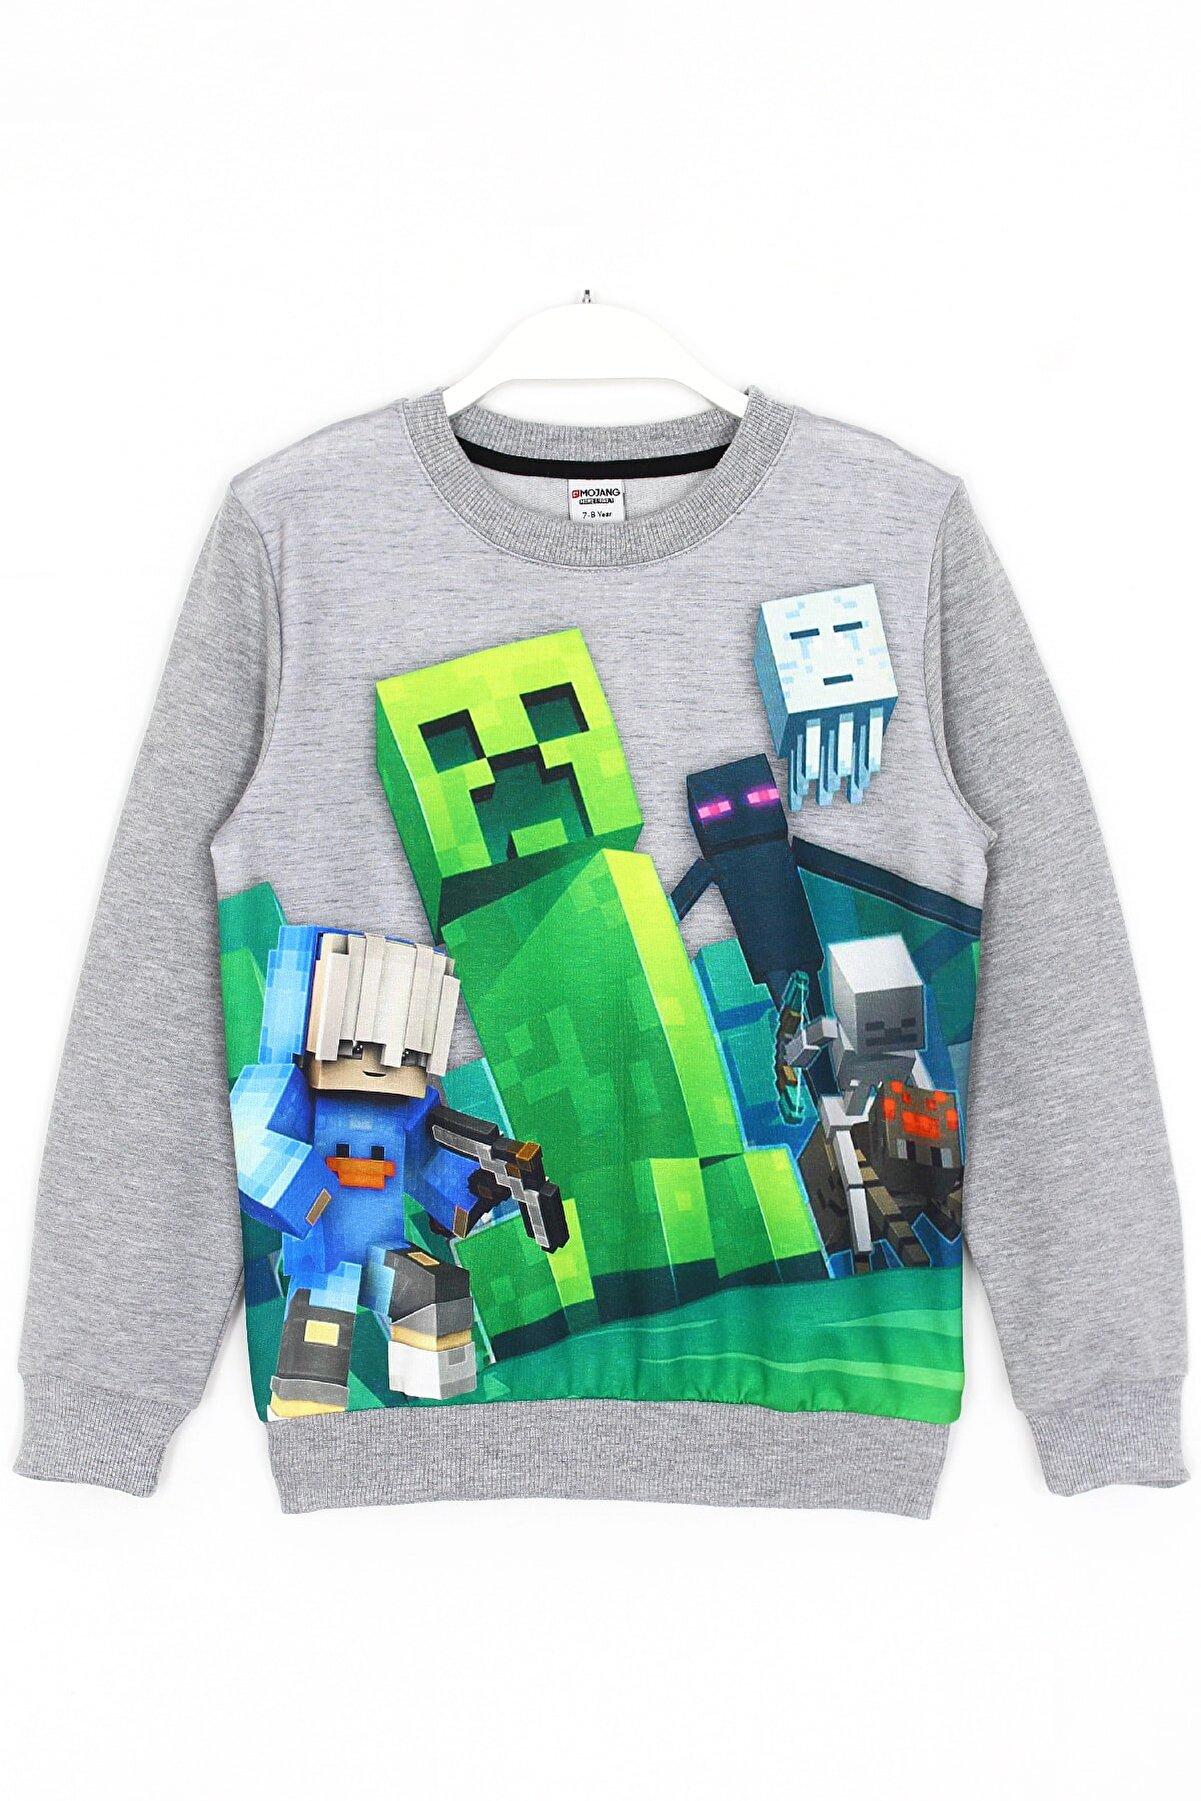 Minecraft Çocuk Gri Minecraft Creeper Baskılı Sweatshirt 5 - 14 Yaş